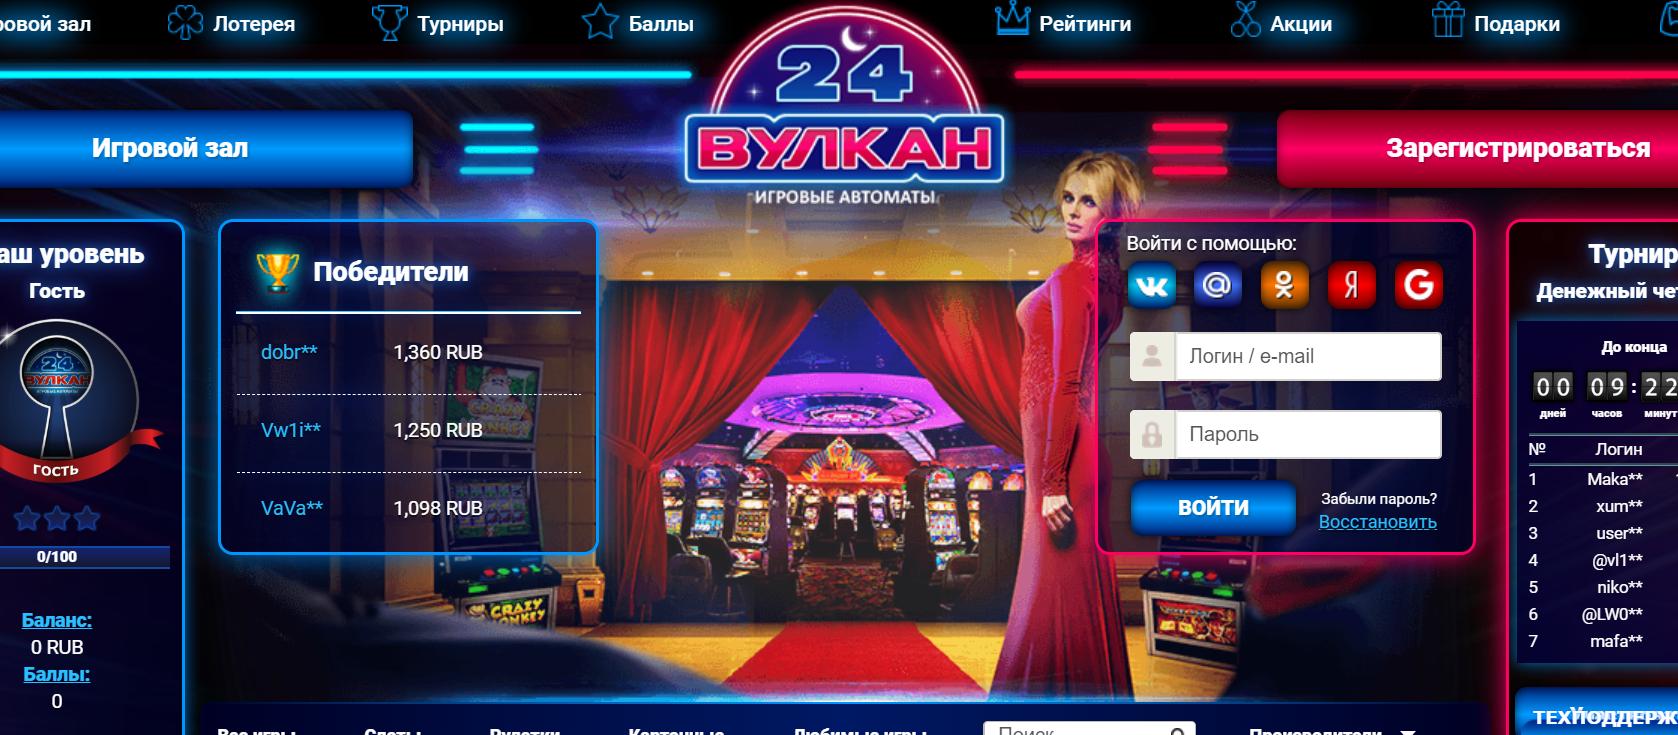 Пожалуй, лучшие игровые слоты от казино Вулкан 24